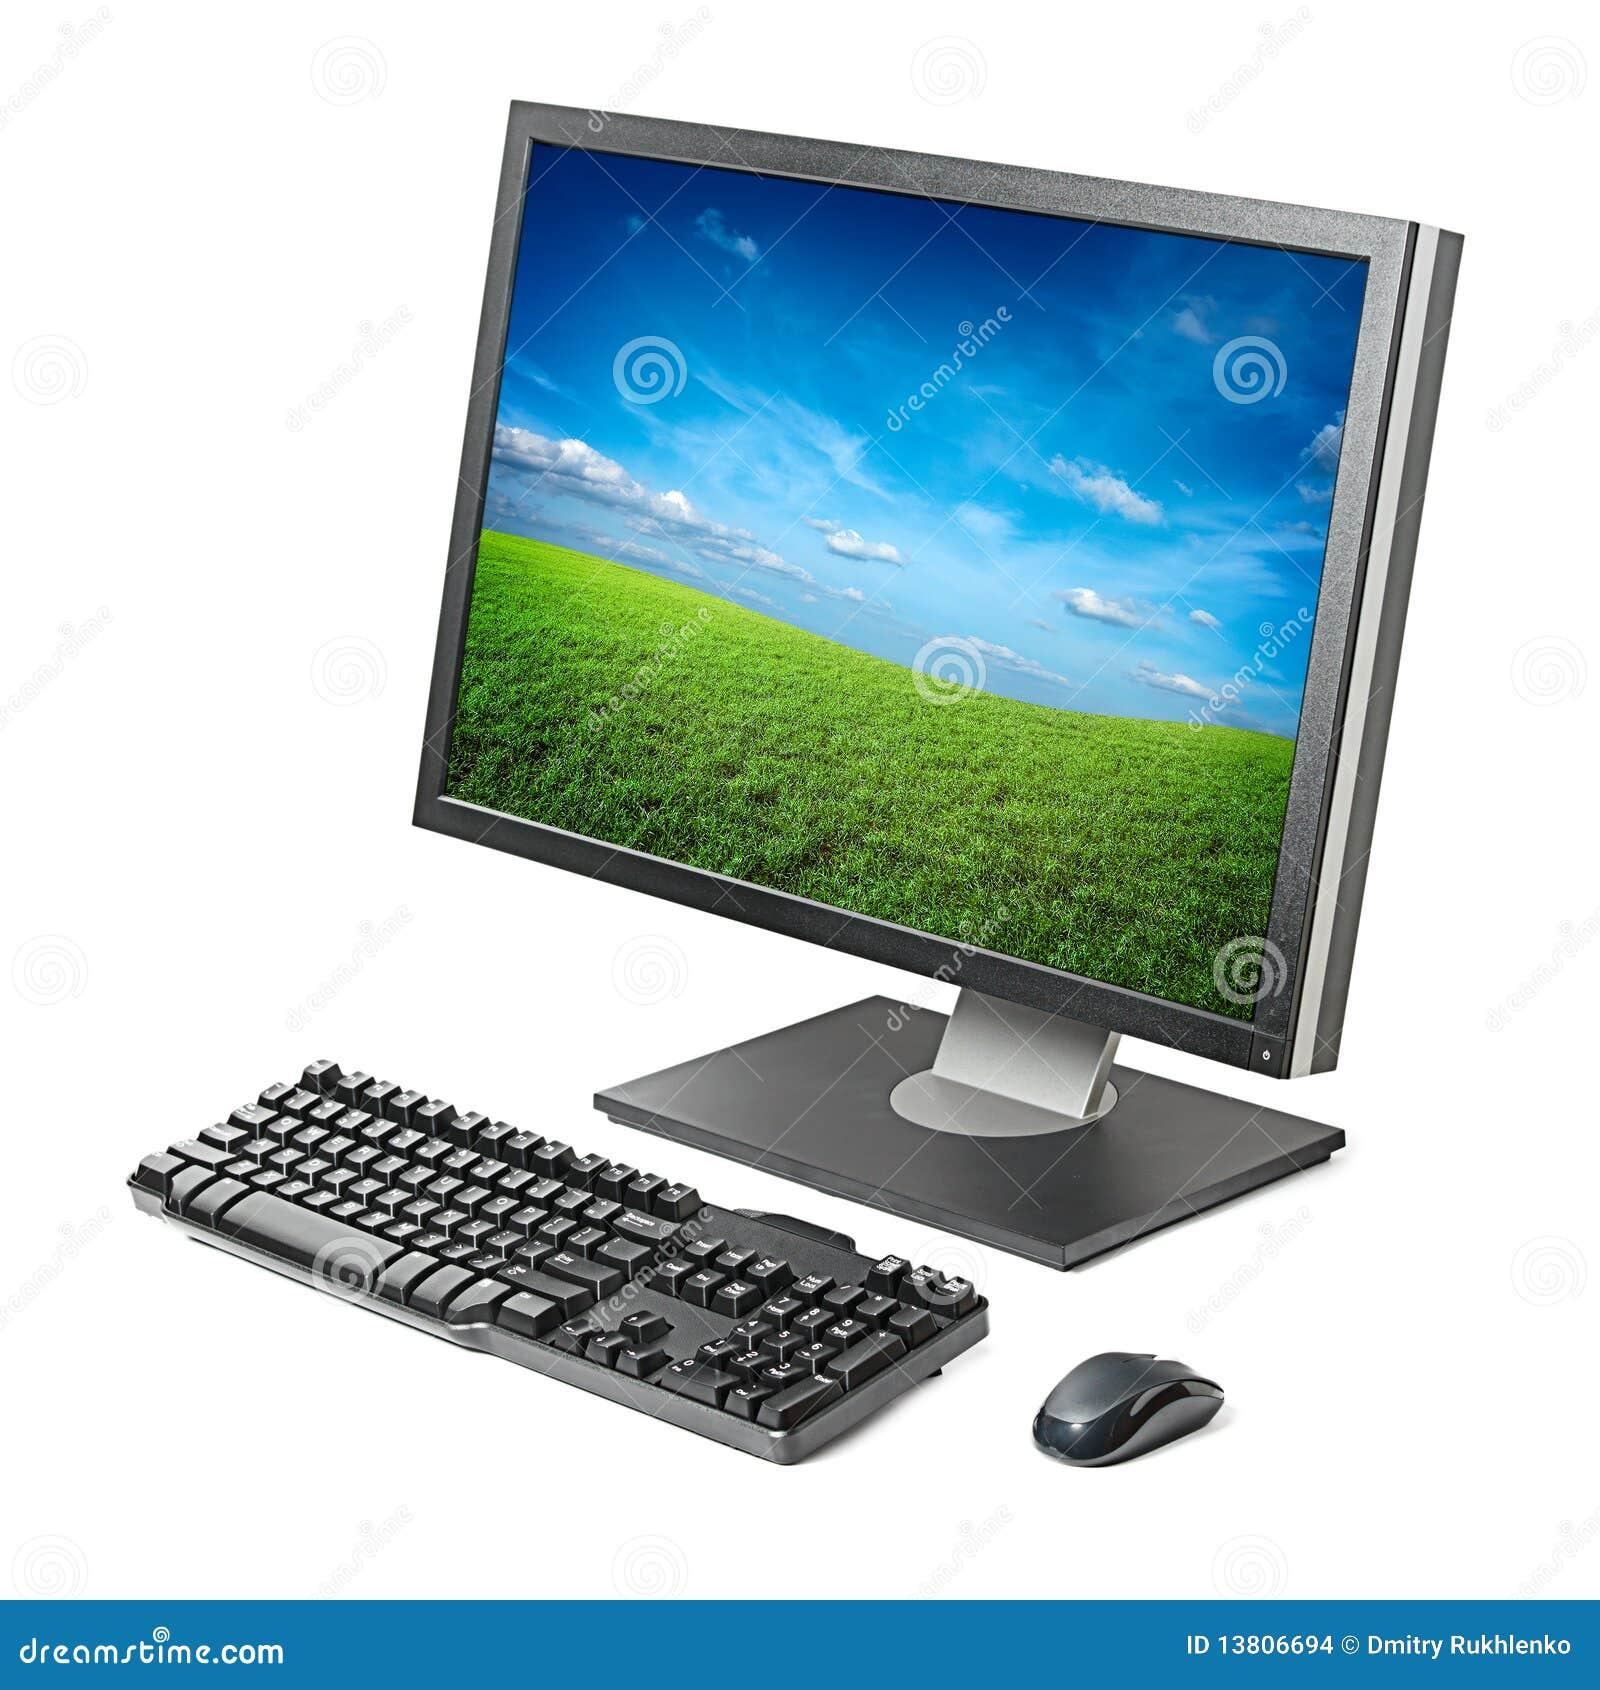 Картинки монитора клавиатур мыши 2